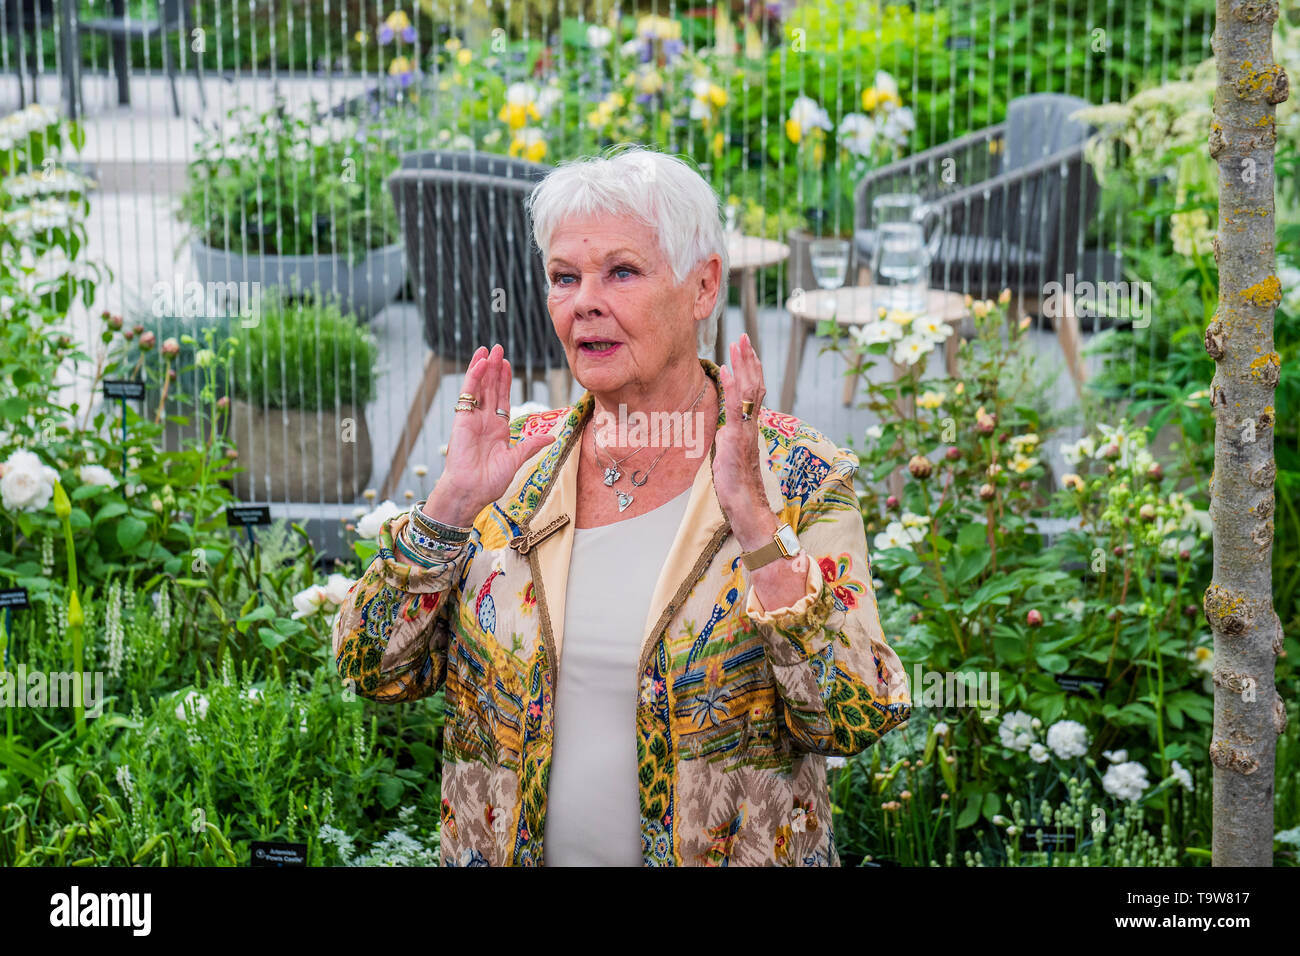 Londres, Royaume-Uni. 20 mai, 2019. Dame Judi Dench lance une nouvelle initiative elming sur le stand des pépinières Hillier - Appuyez sur preview journée à la RHS Chelsea Flower Show. Crédit: Guy Bell/Alamy Live News Banque D'Images